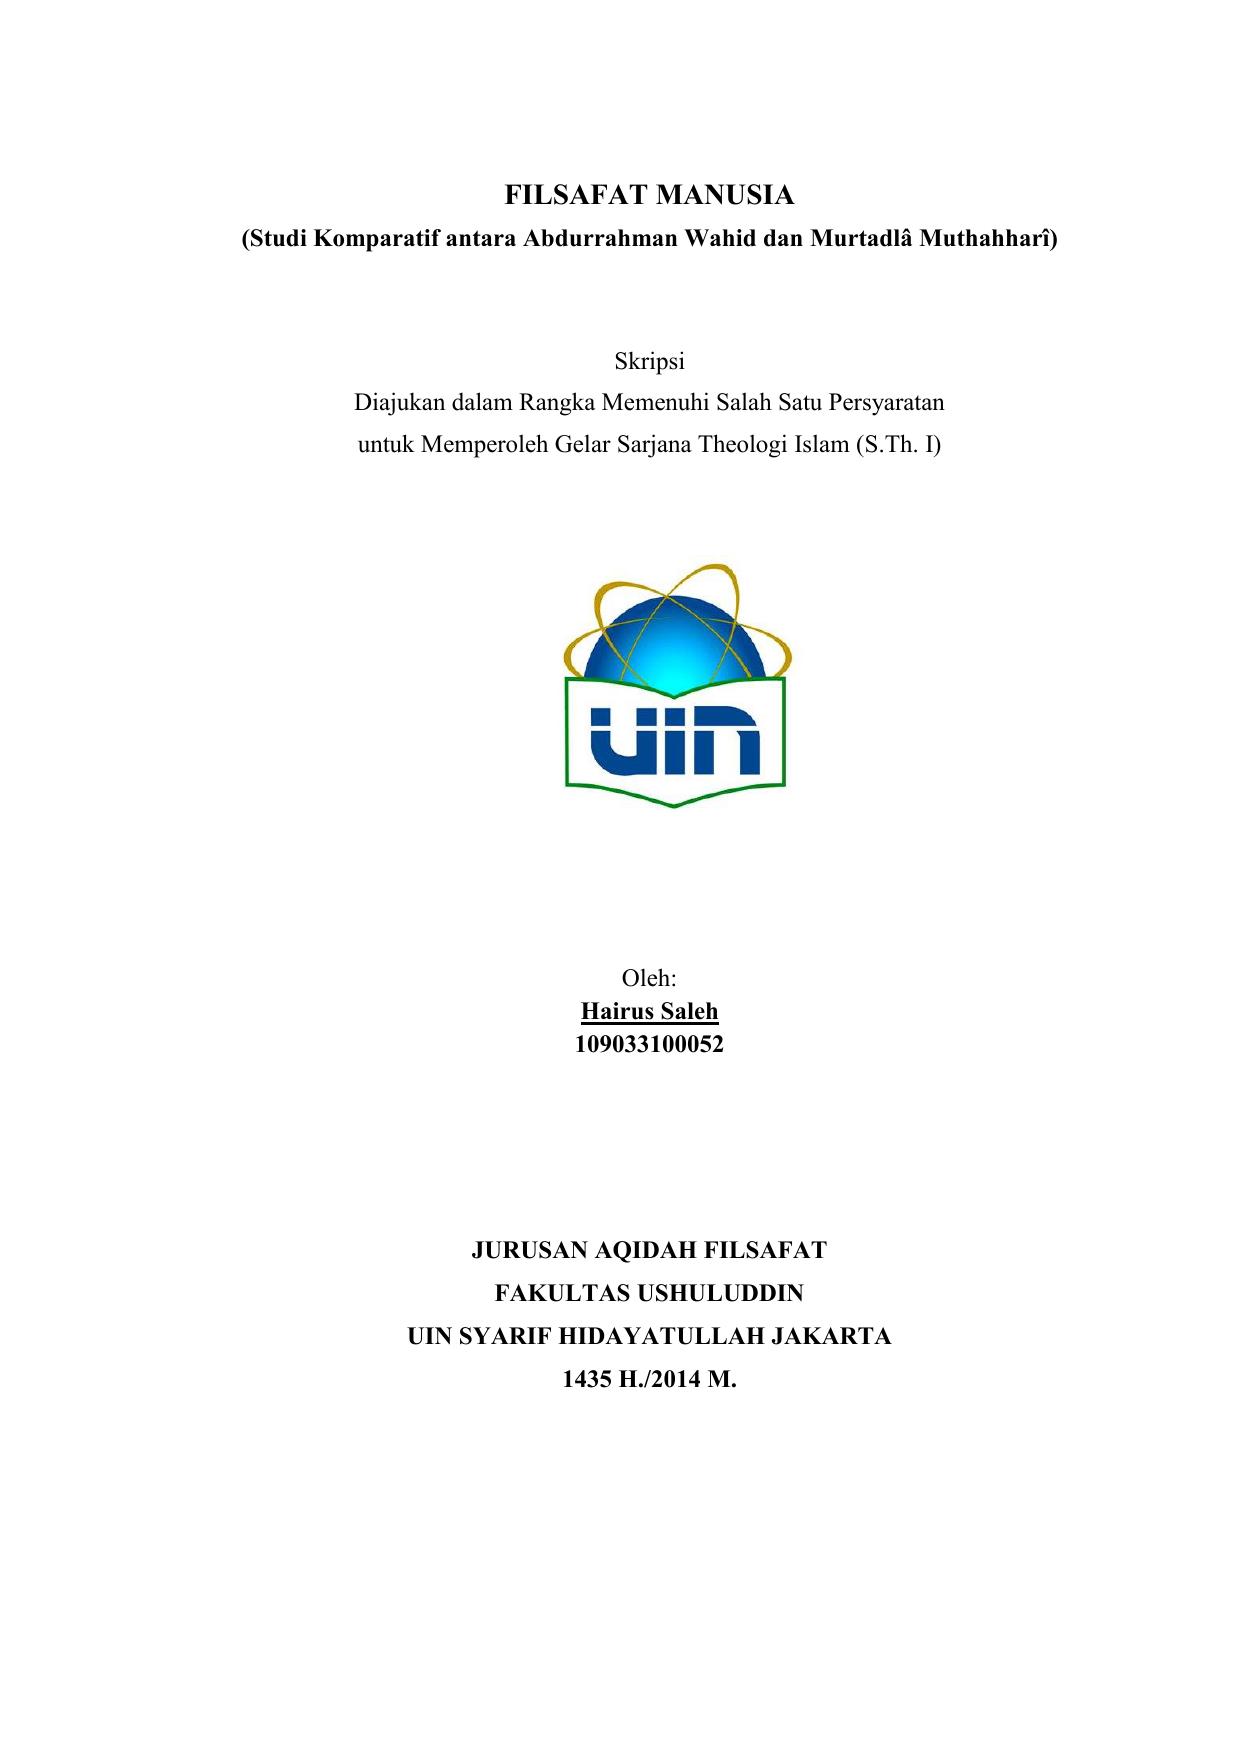 Filsafat Manusia Institutional Repository Uin Syarif Hidayatullah